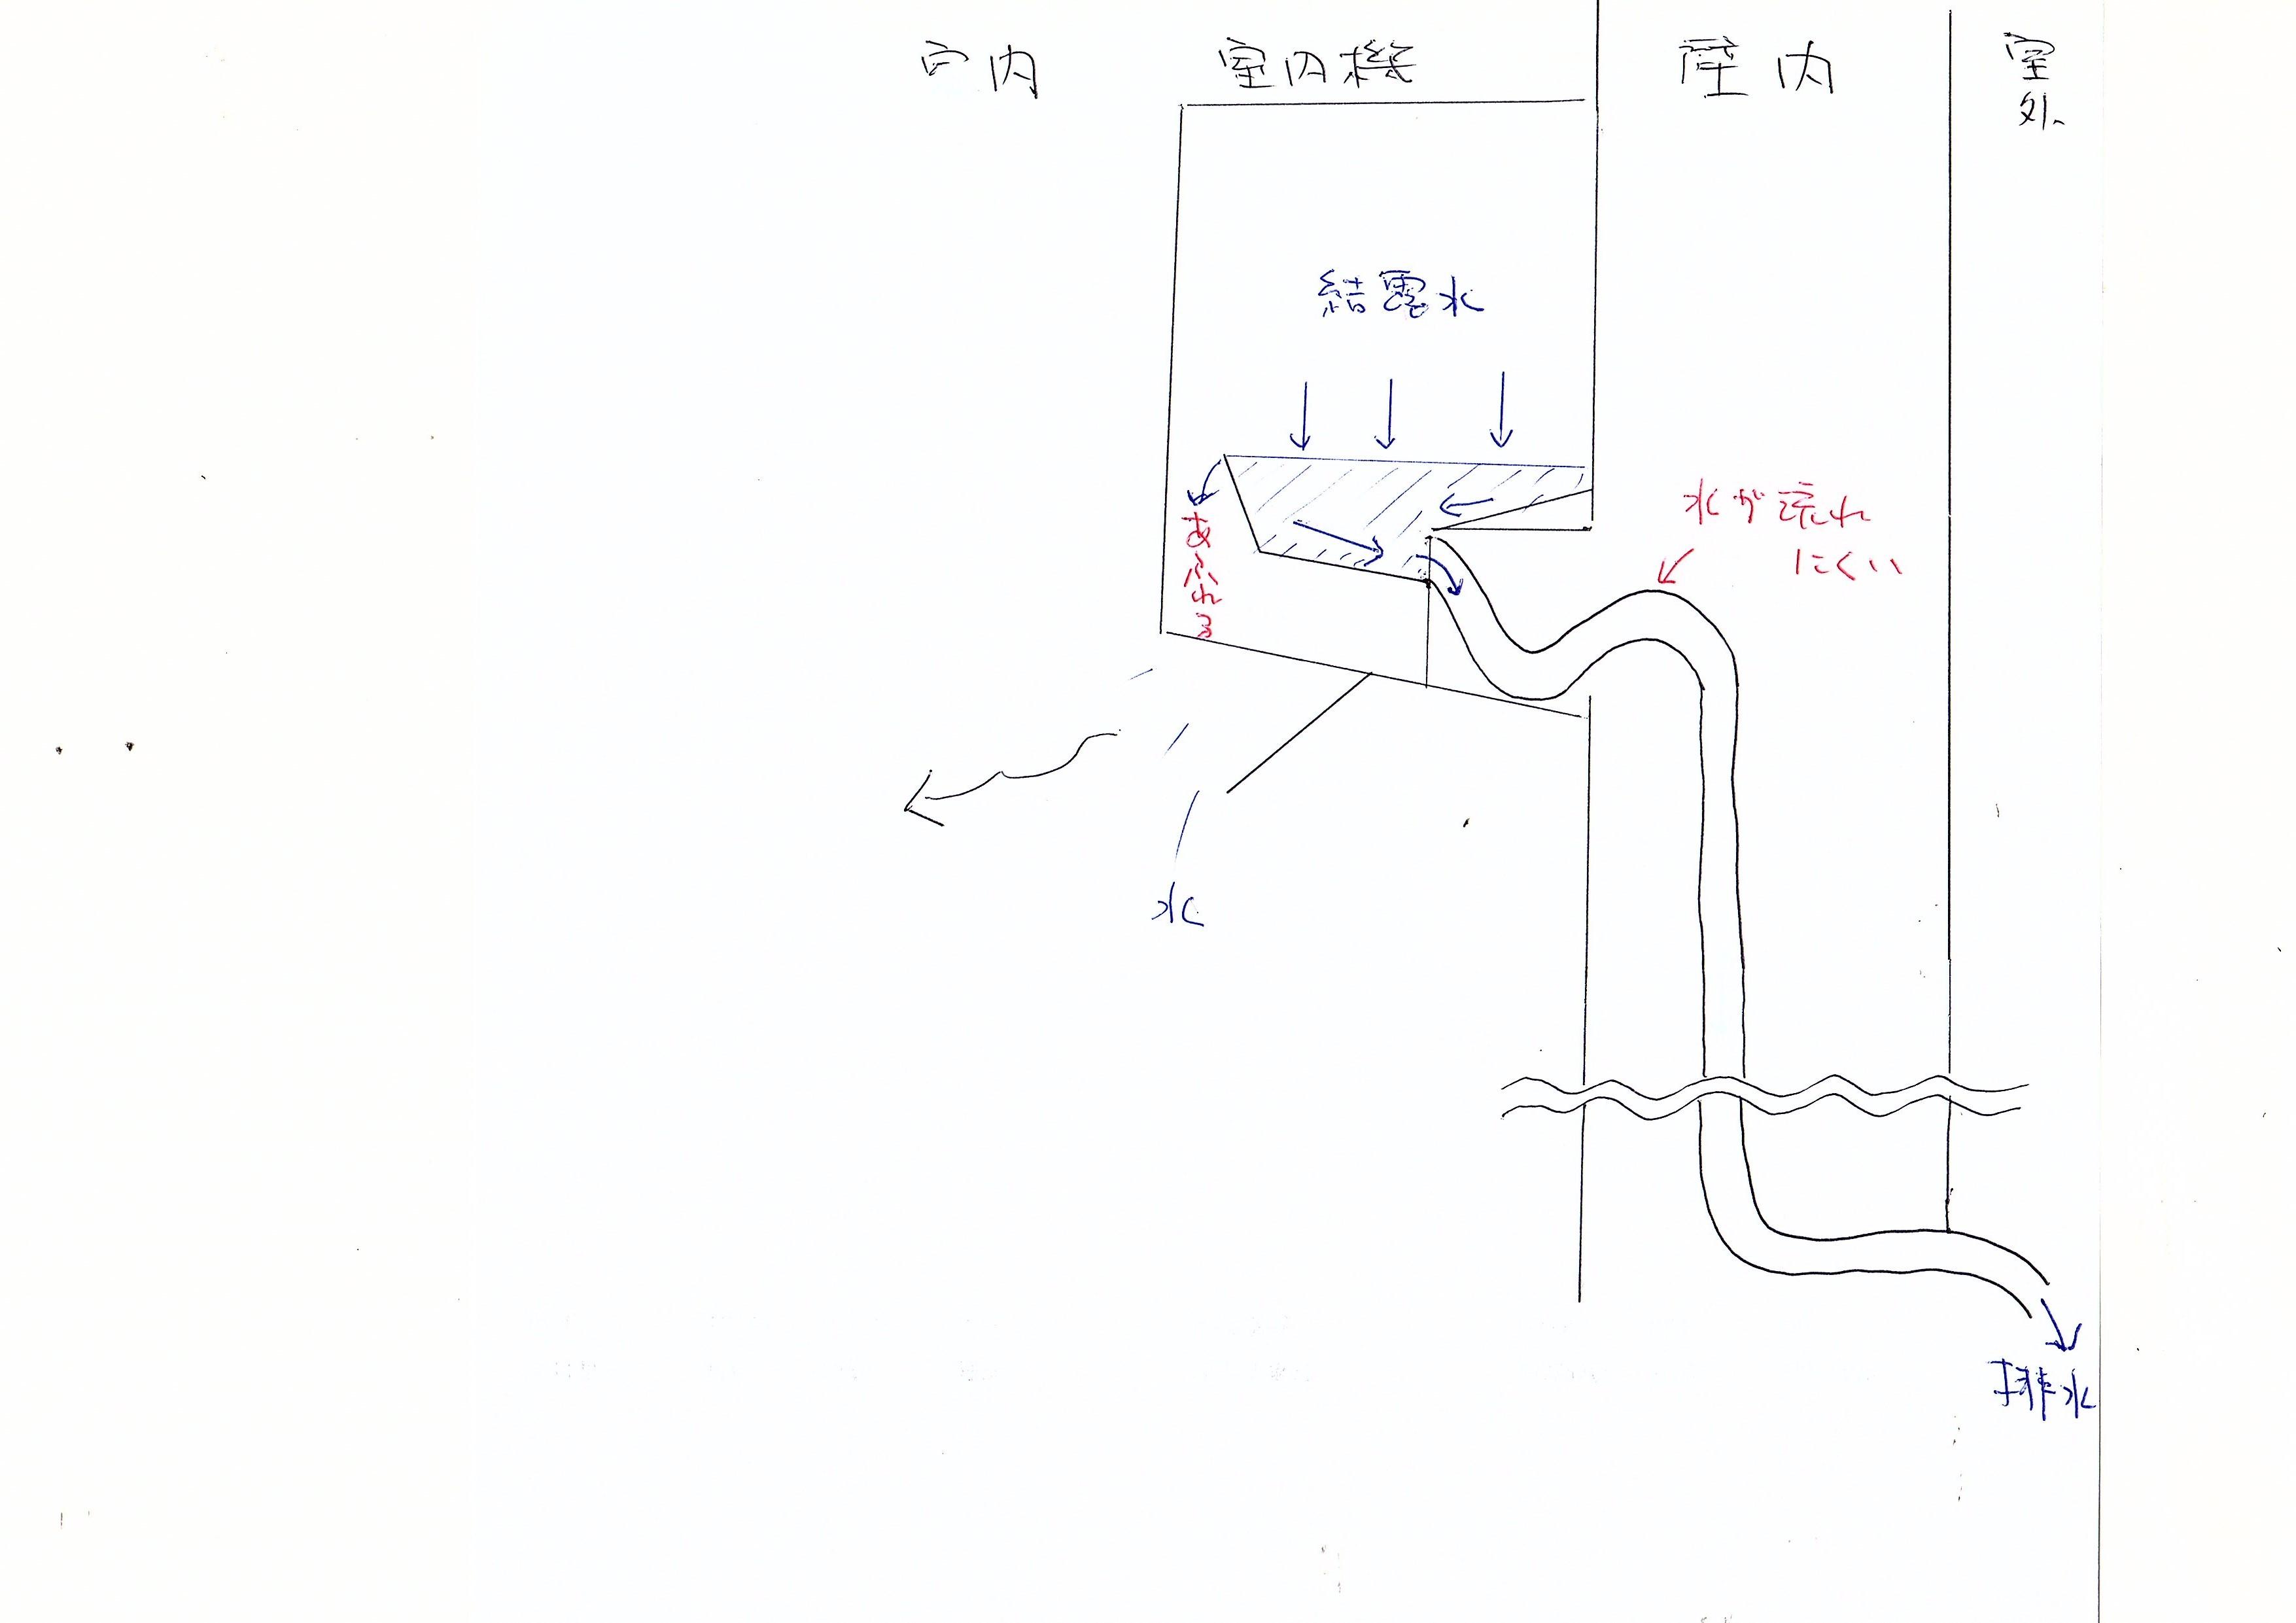 室内機ドレン排水のイメージ